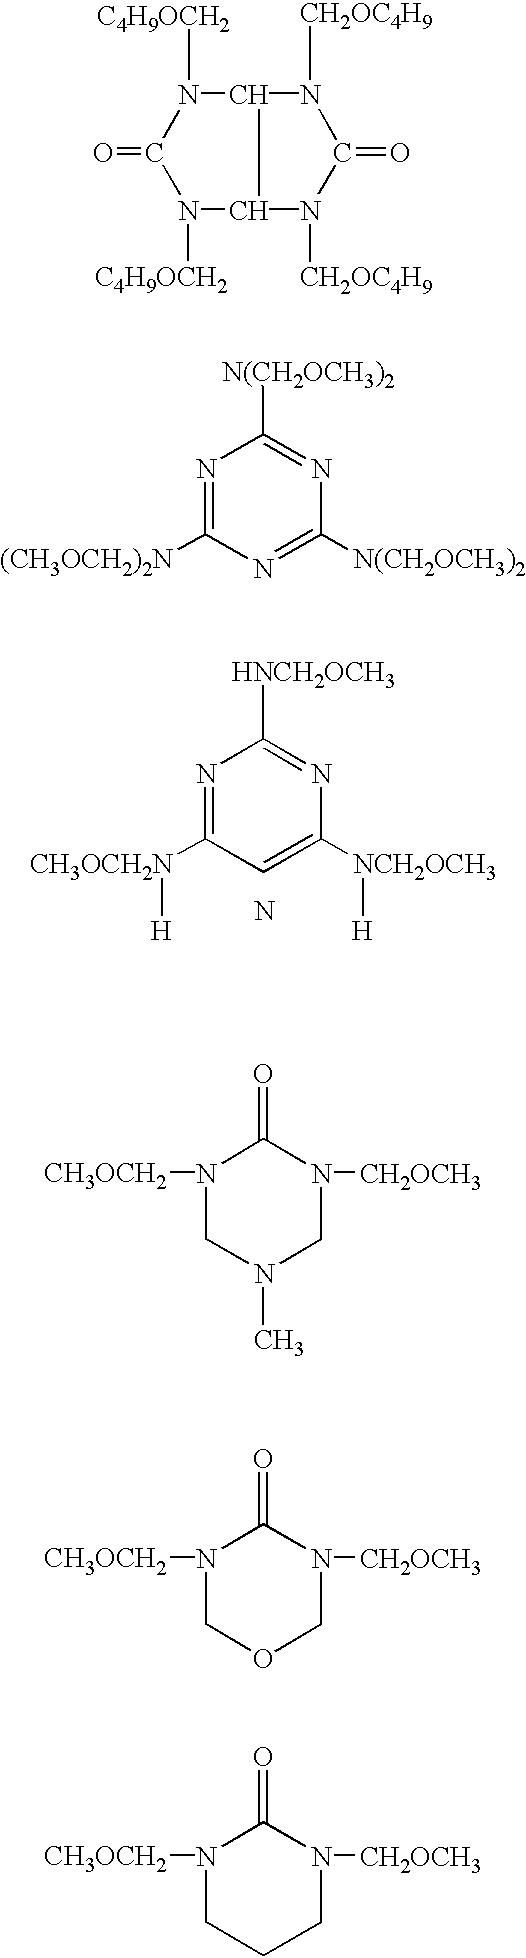 Figure US20020058204A1-20020516-C00003